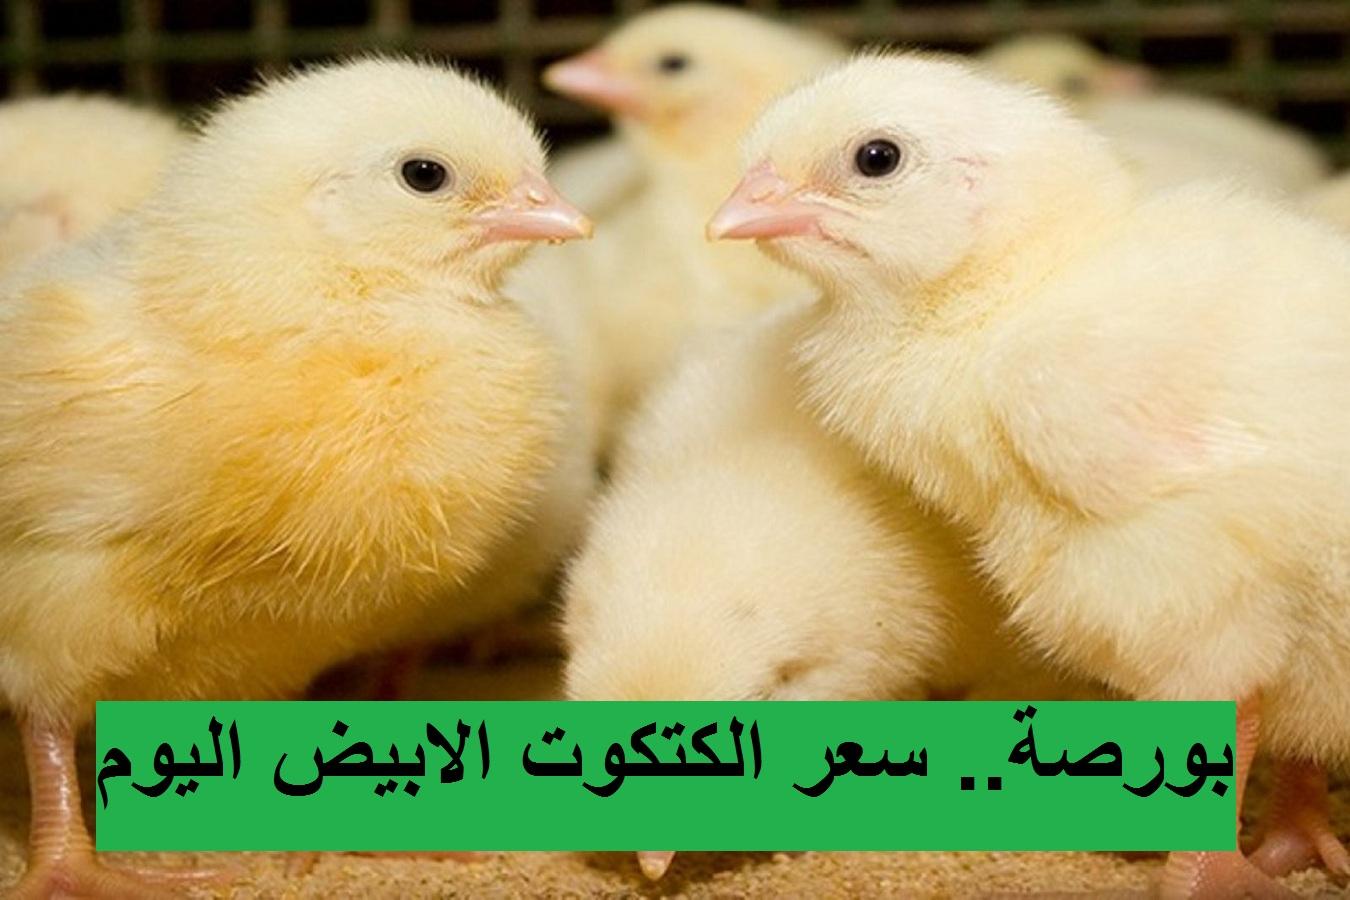 بورصة الدواجن اليوم الأحد 18 أبريل 2021.. أسعار الفراخ البيضاء والساسو والكتكوت الابيض 3